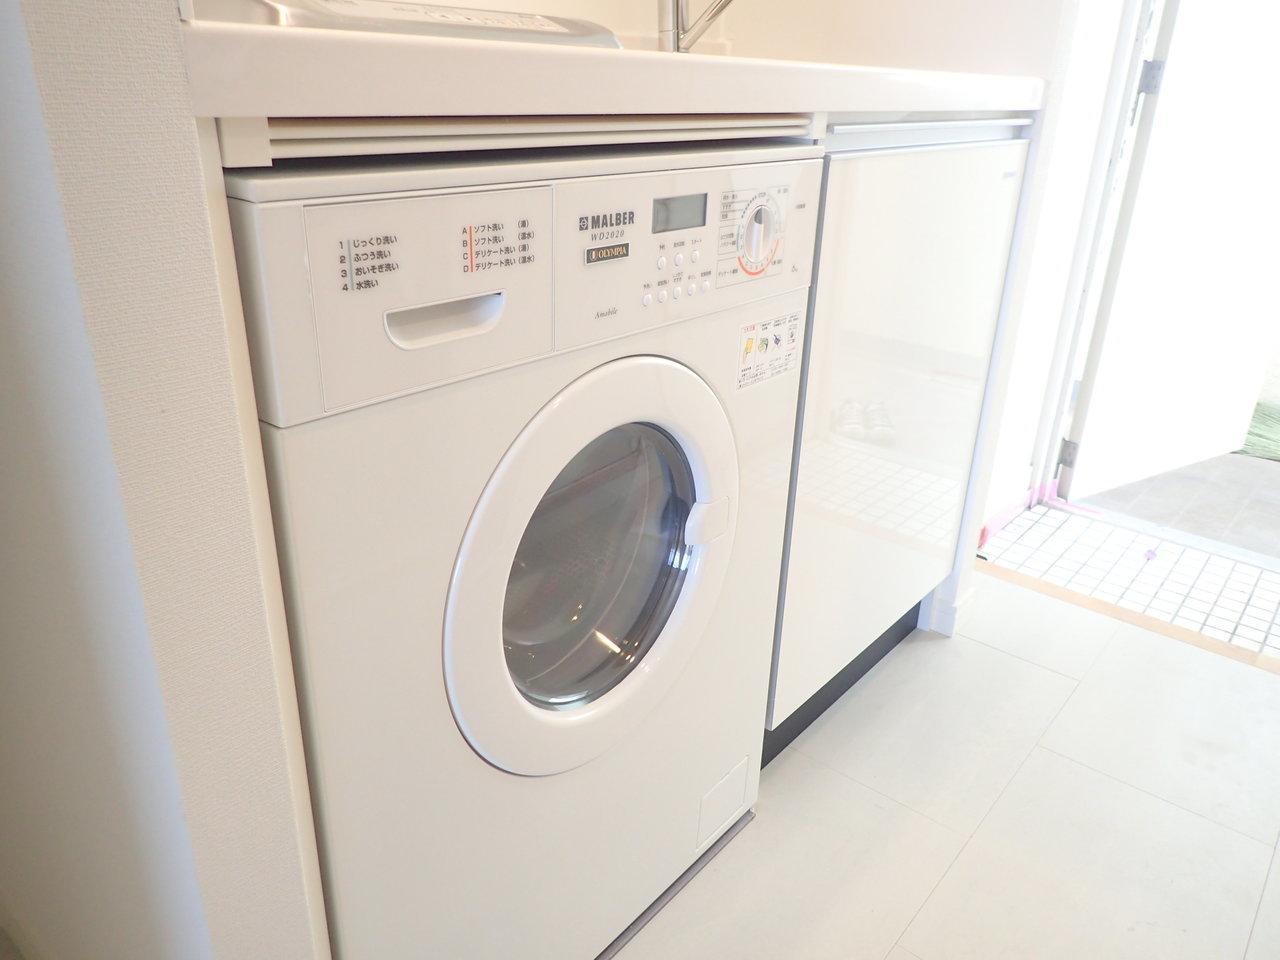 キッチンには洗濯機もついています。初めての一人暮らし。初期費用を抑えたい方にはうれしい設備ですね!